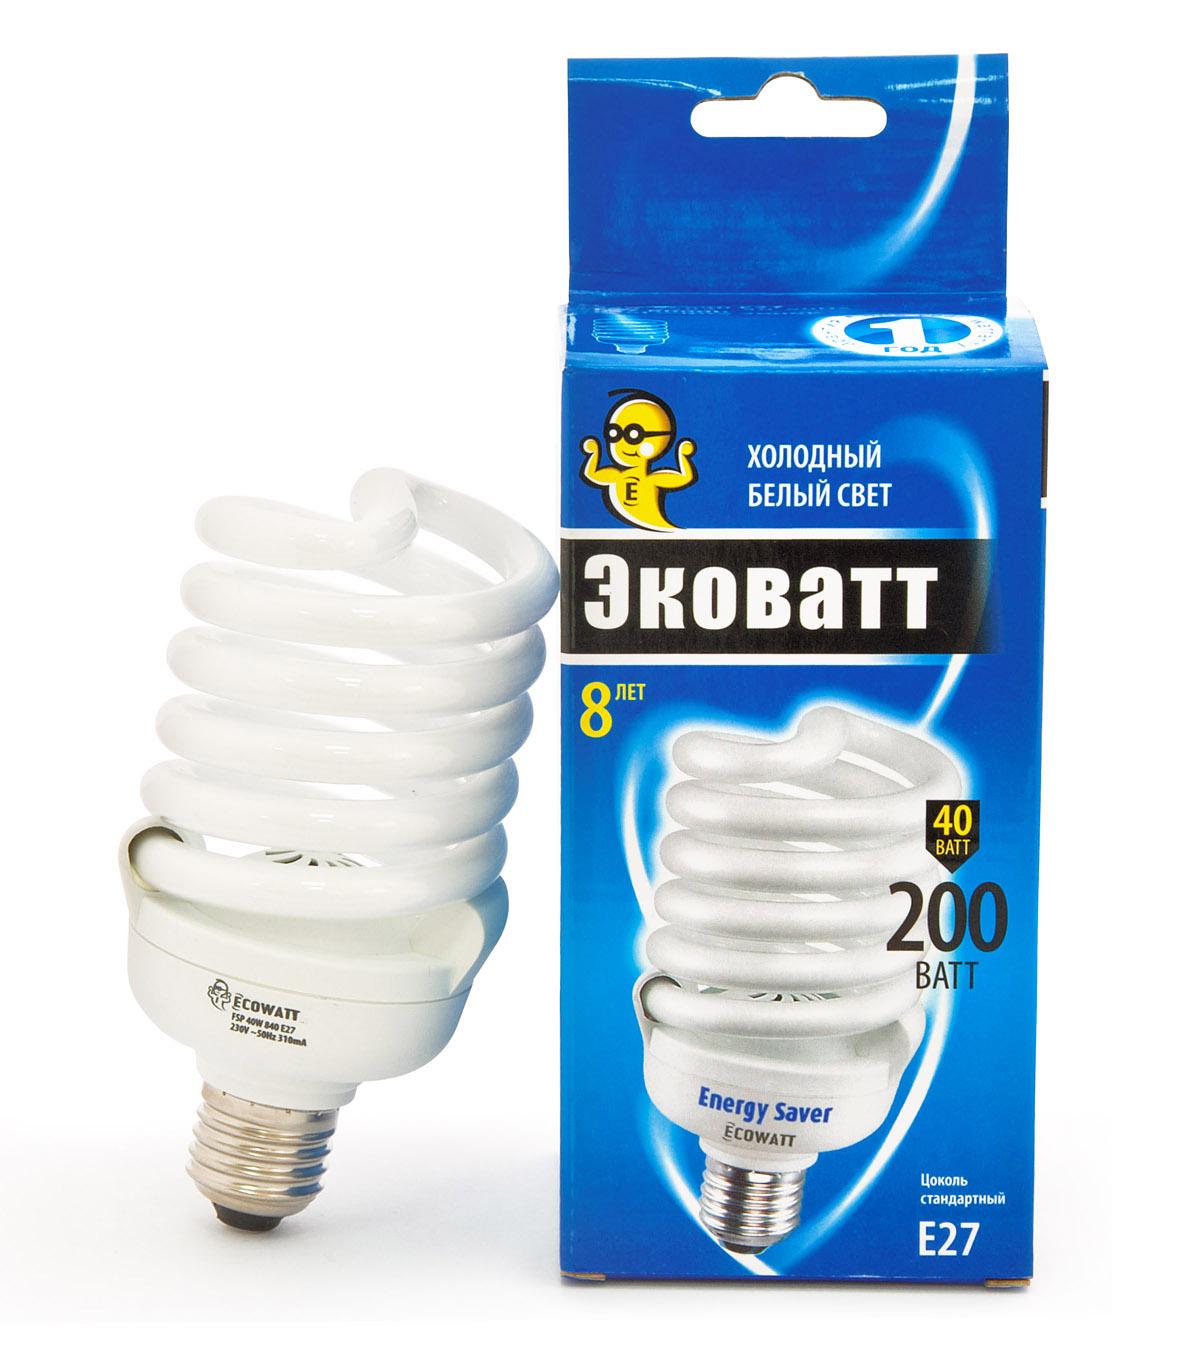 Лампа энергосберегающая Ecowatt Fsp 40w 840 e27